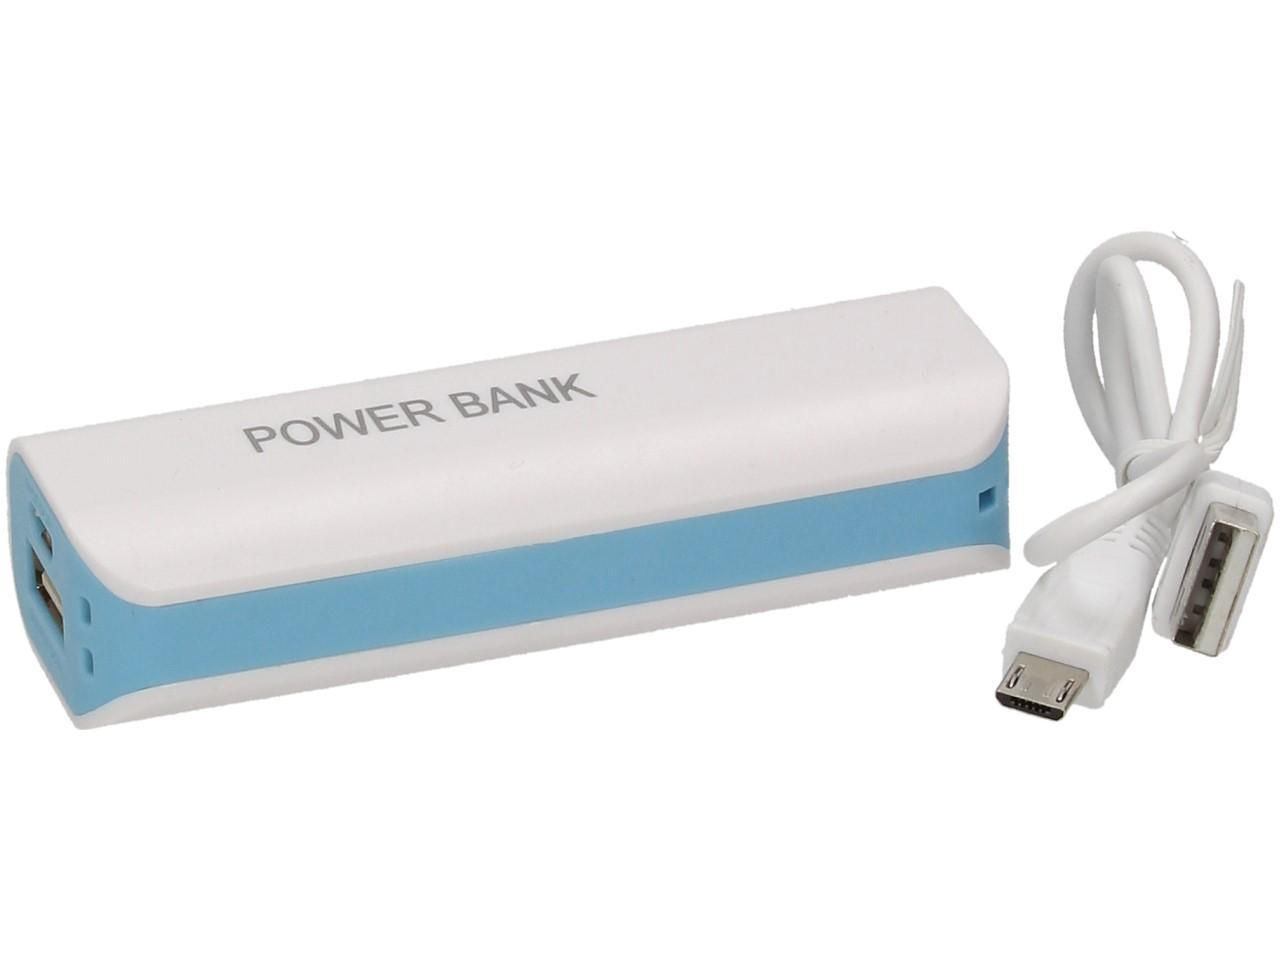 Foto 22 - Výkonná přenosná USB nabíječka Power Bank 5600mAh